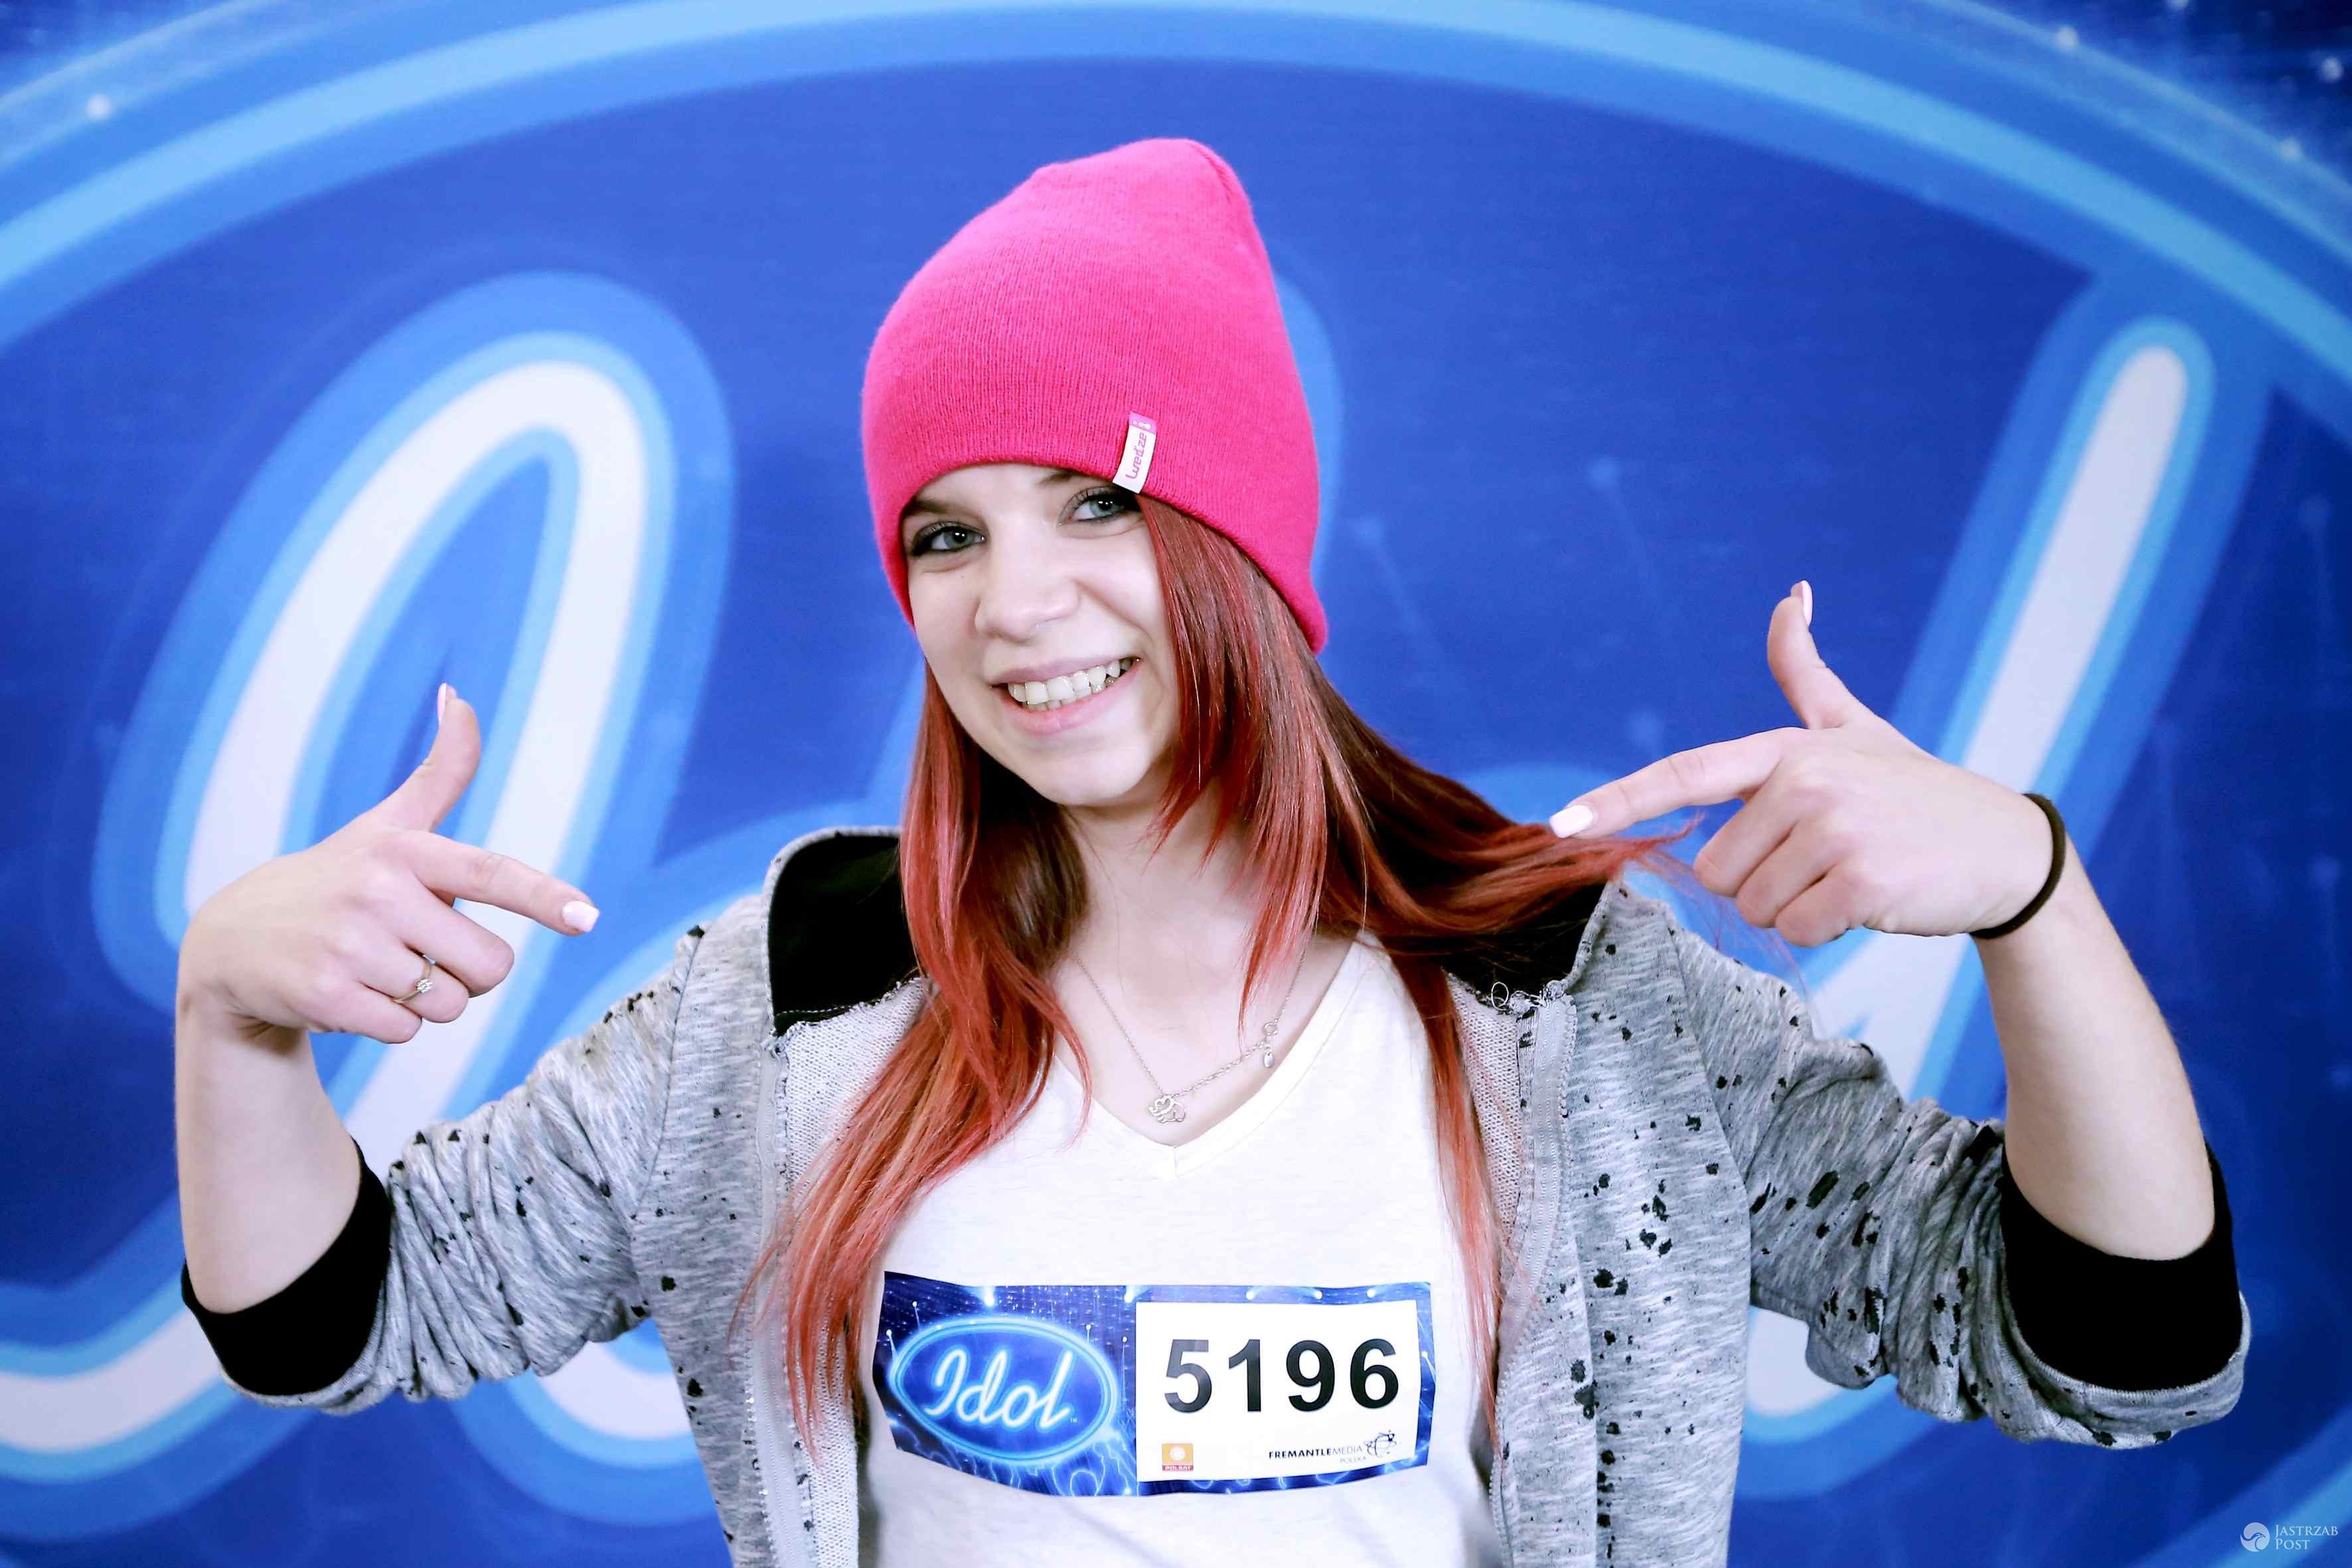 Angelika Zaworka na castingach do Idola